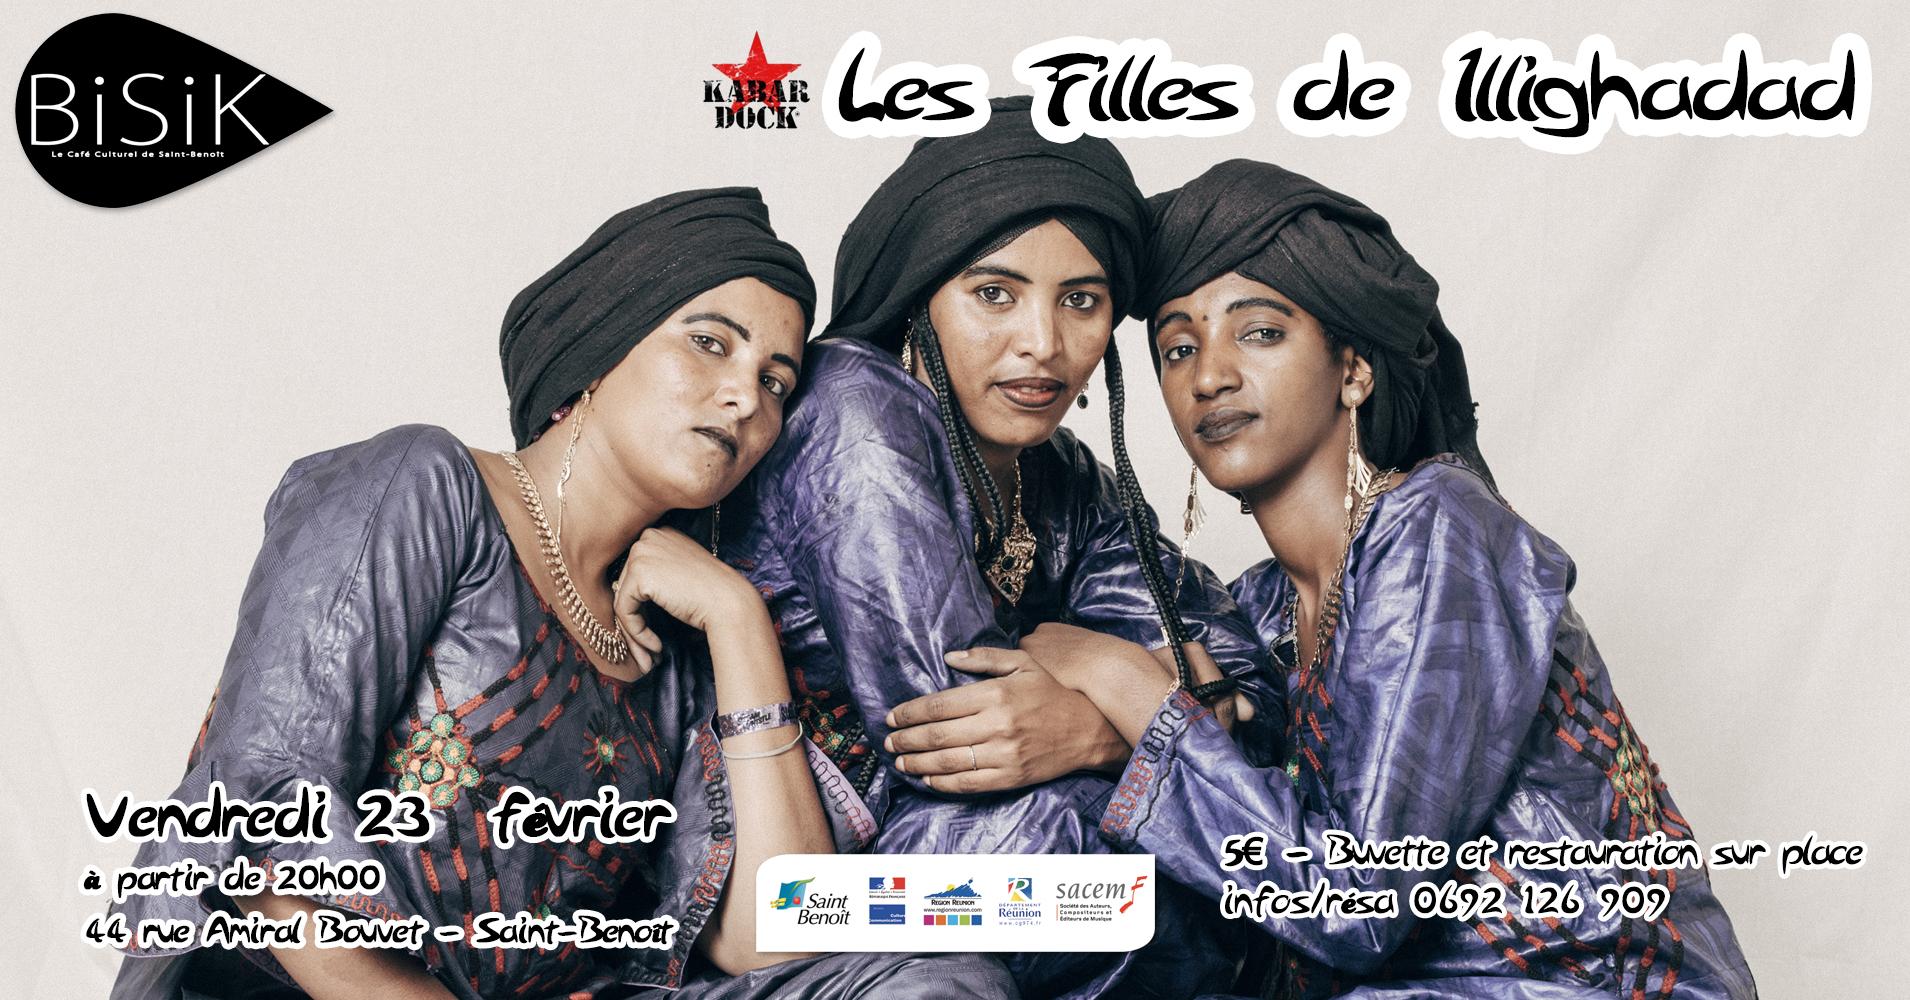 Les filles de Illighadad au Bisik - ACTER